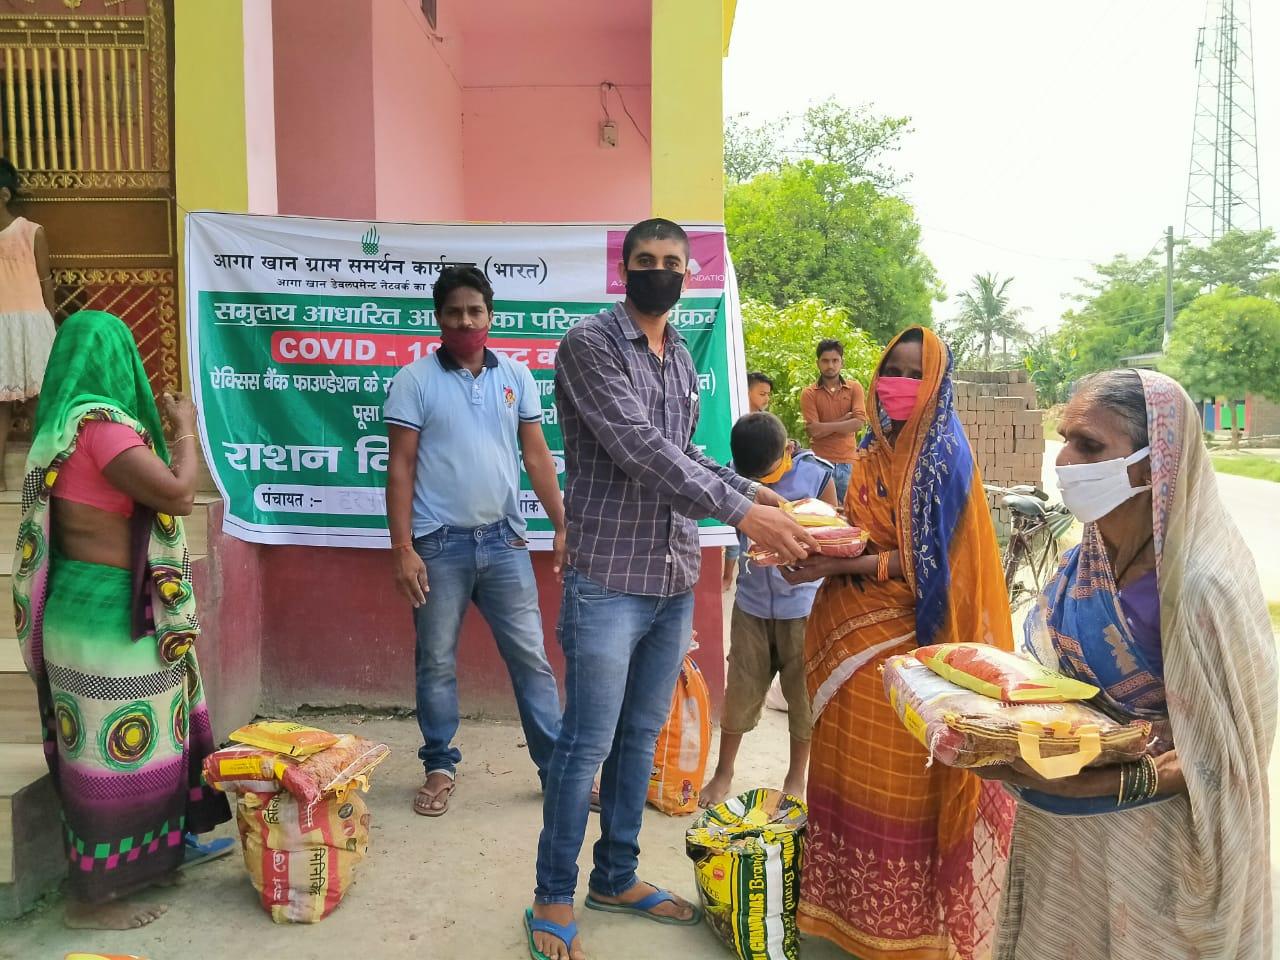 हरपुर में आगाखांन संस्था द्वारा आटा, चावल, दाल, रिफाइन को राहत के रूप में ग्रामीण को दिया।